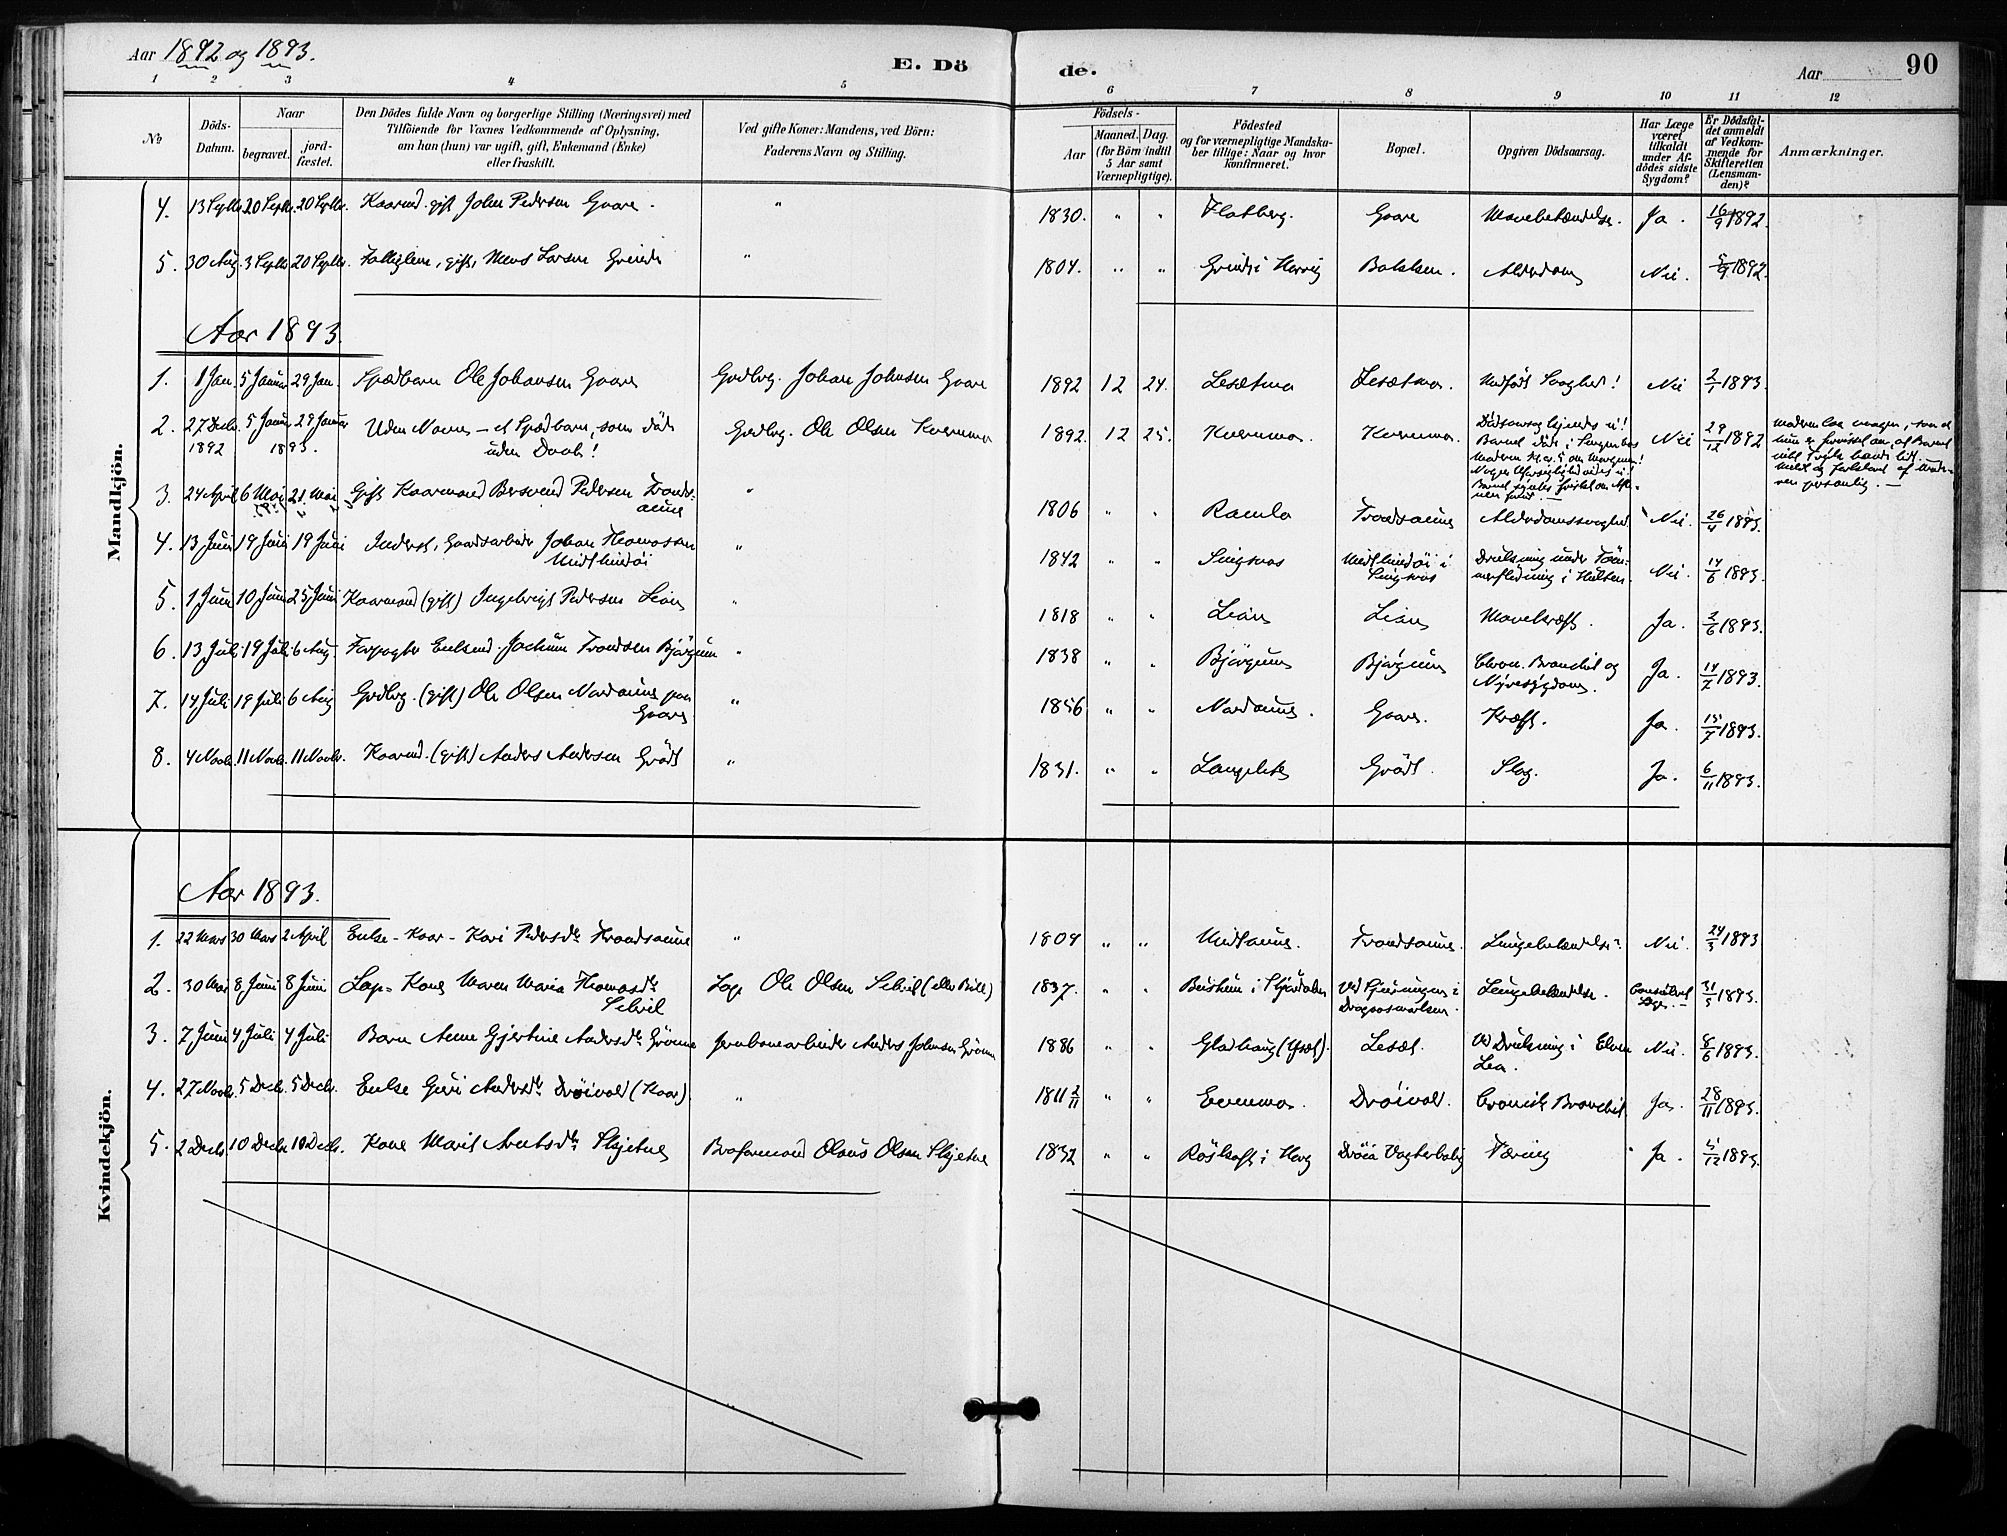 SAT, Ministerialprotokoller, klokkerbøker og fødselsregistre - Sør-Trøndelag, 685/L0973: Ministerialbok nr. 685A10, 1891-1907, s. 90